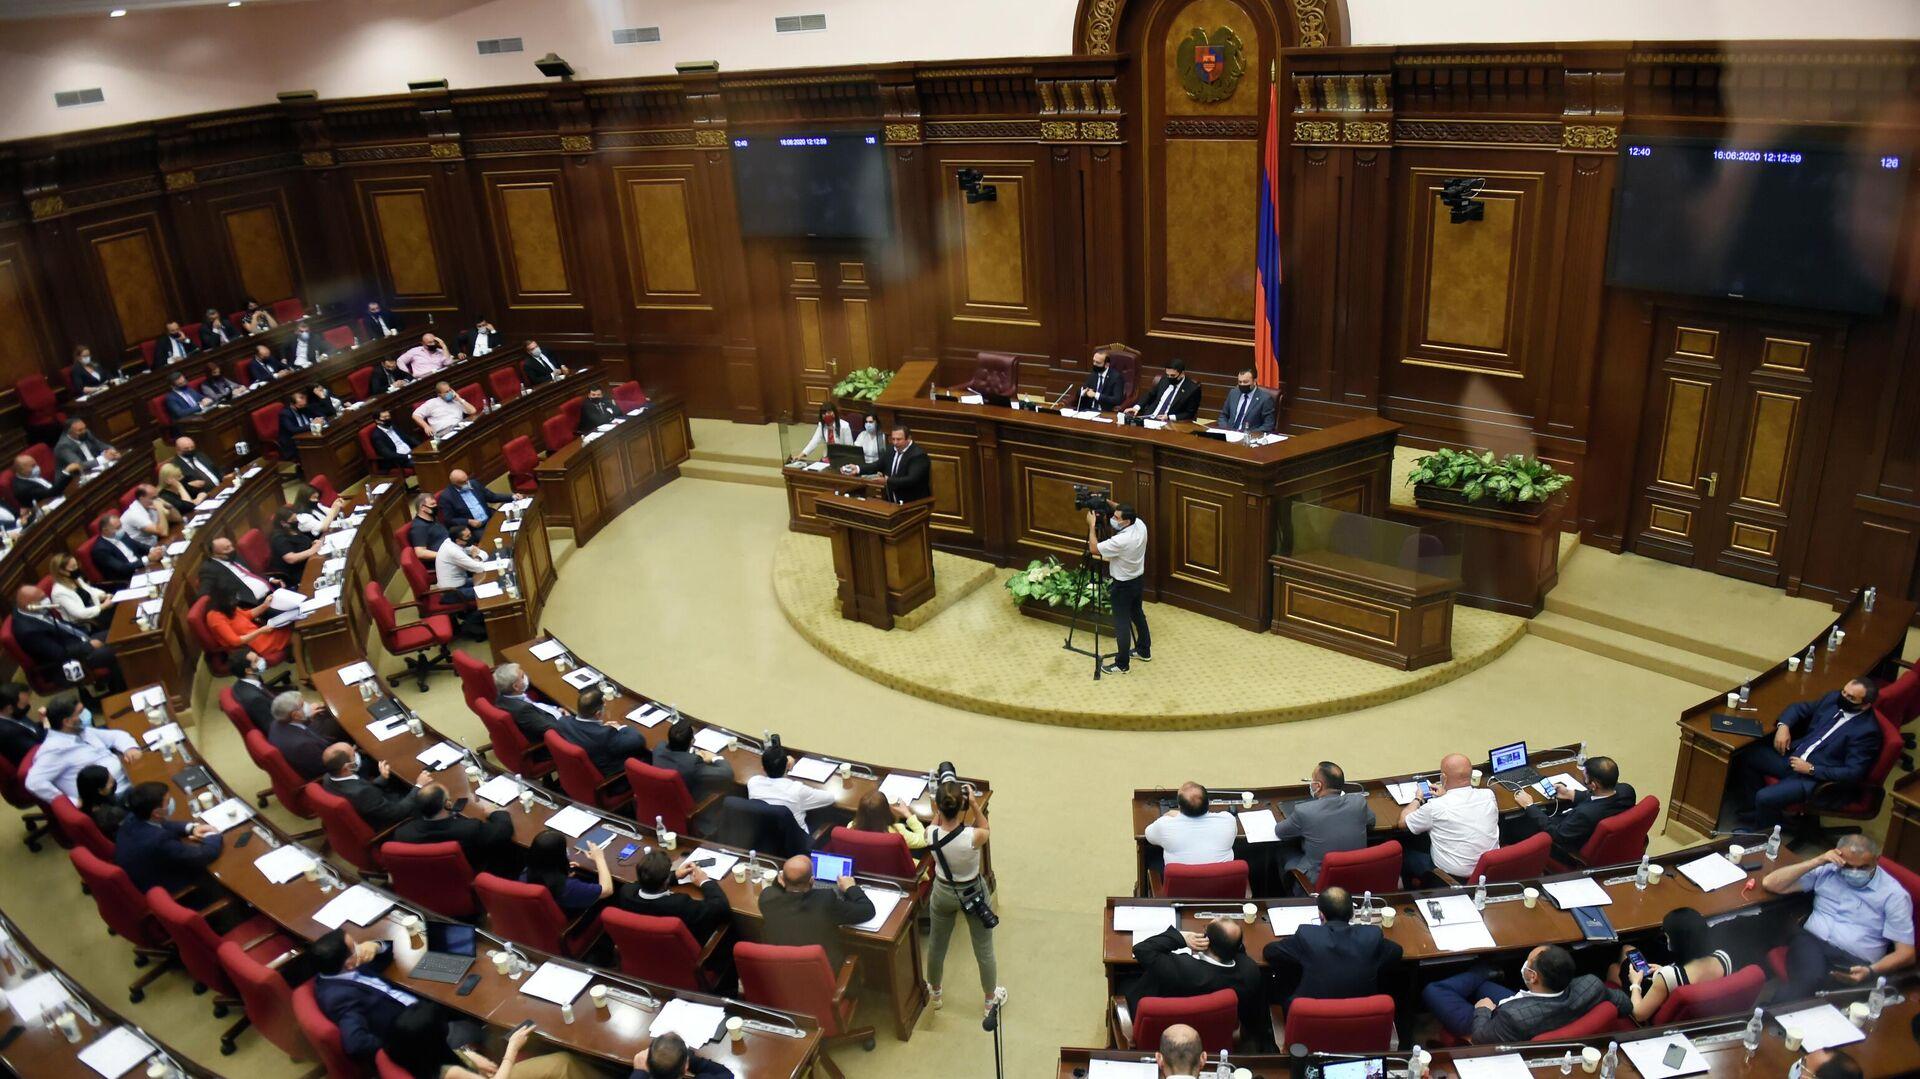 Руководитель оппозиционной партии Процветающая Армения Гагик Царукян выступает в парламенте Армении в Ереване - РИА Новости, 1920, 10.05.2021